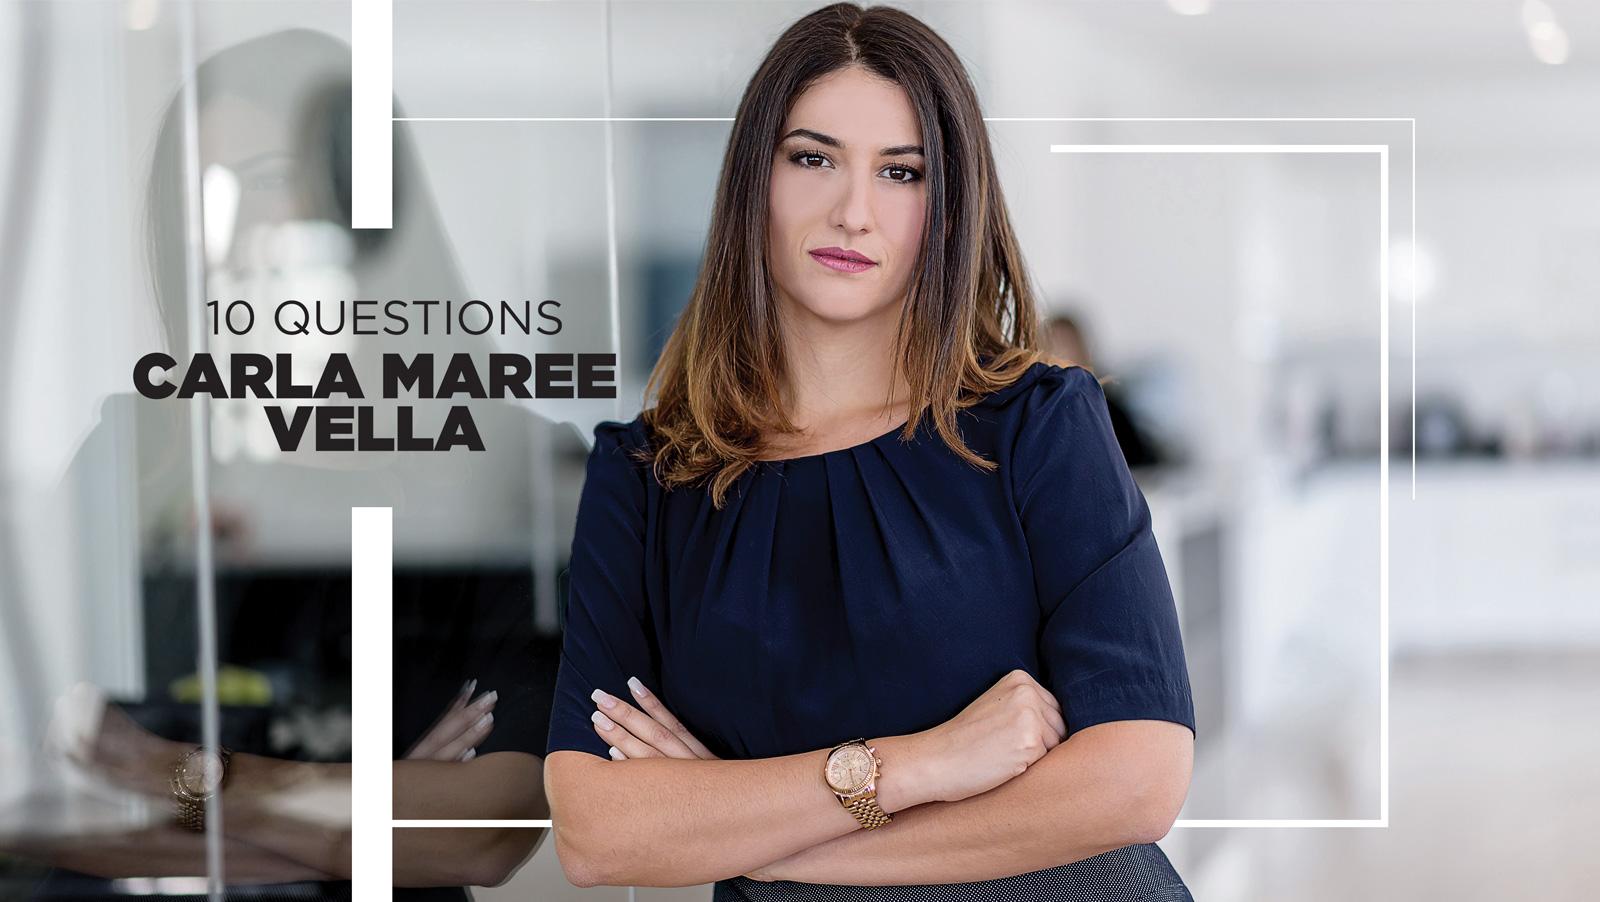 10 Questions - Carla Maree Vella